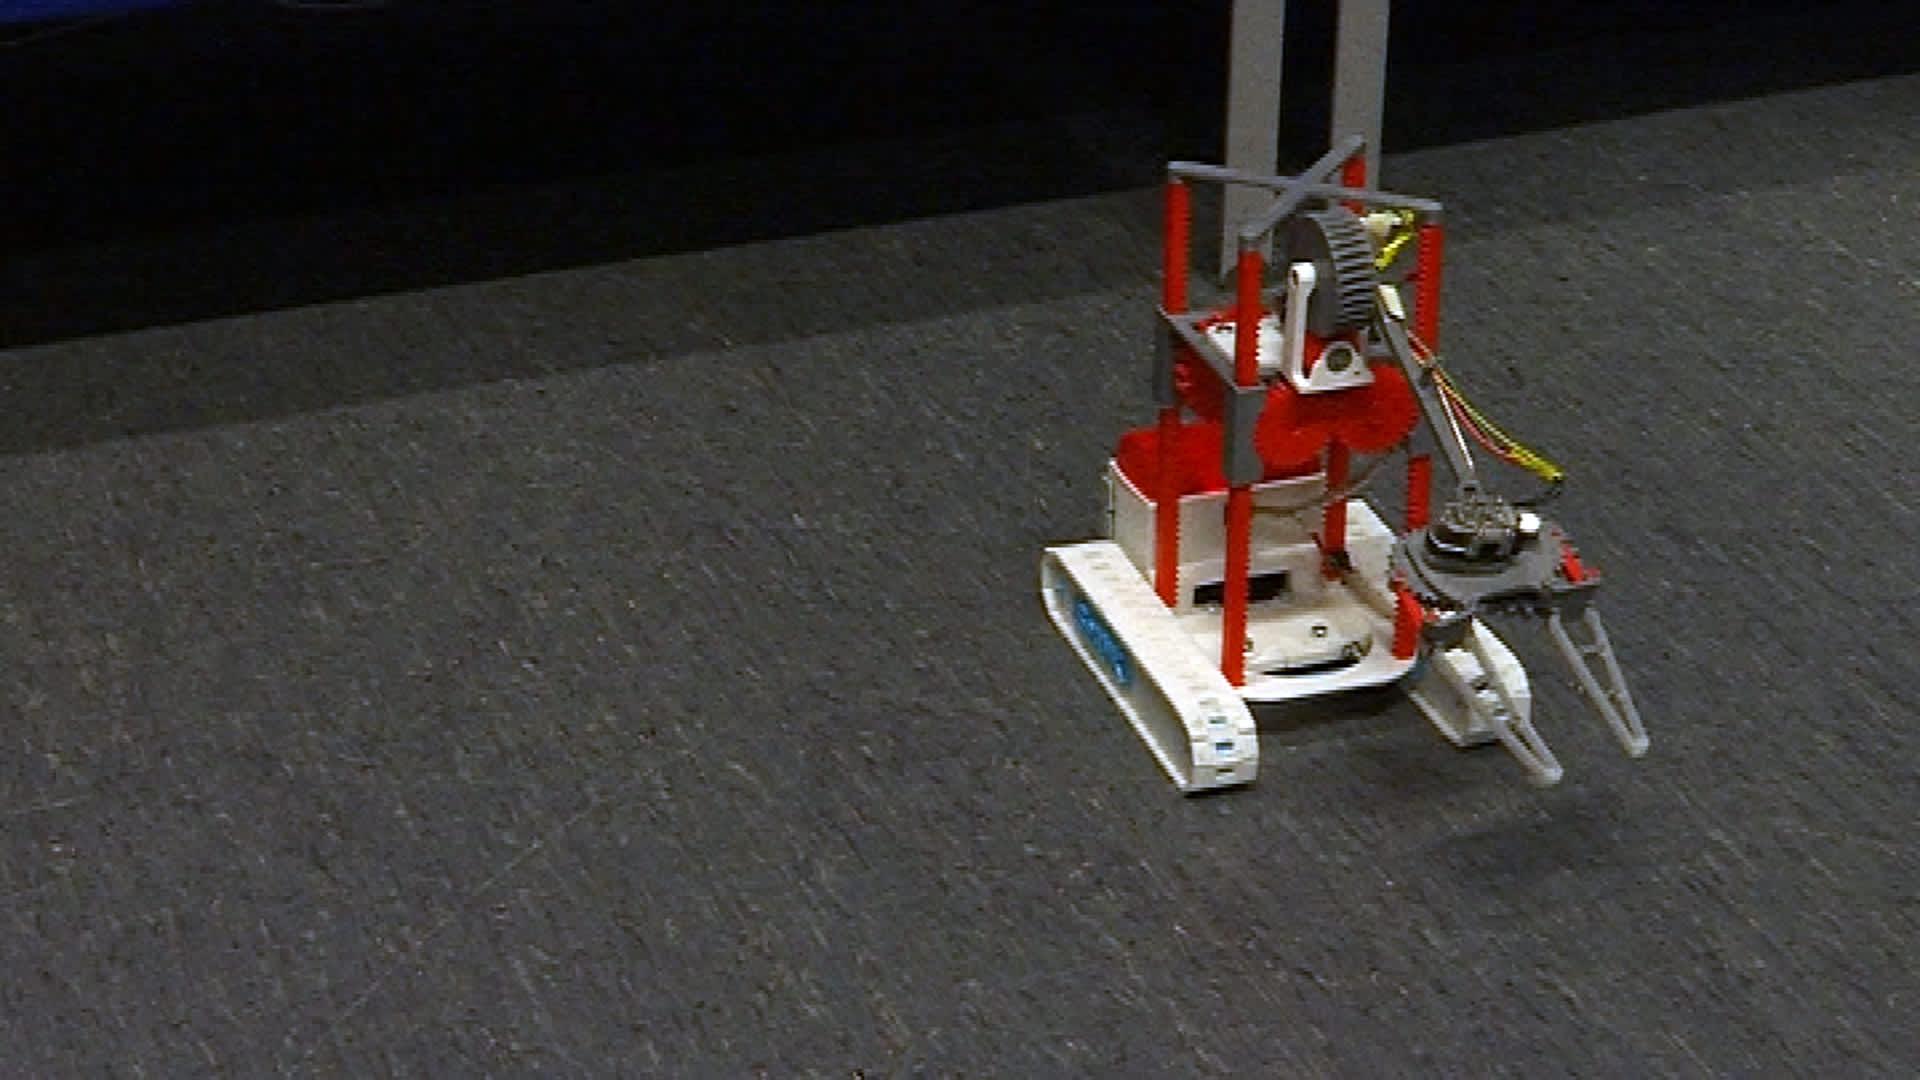 Seinäjoen ammattikorkeakoulussa 3D-tulostimella tehty leikkikalua muistuttava ja älypuhelimella ohjattava pieni robotti.